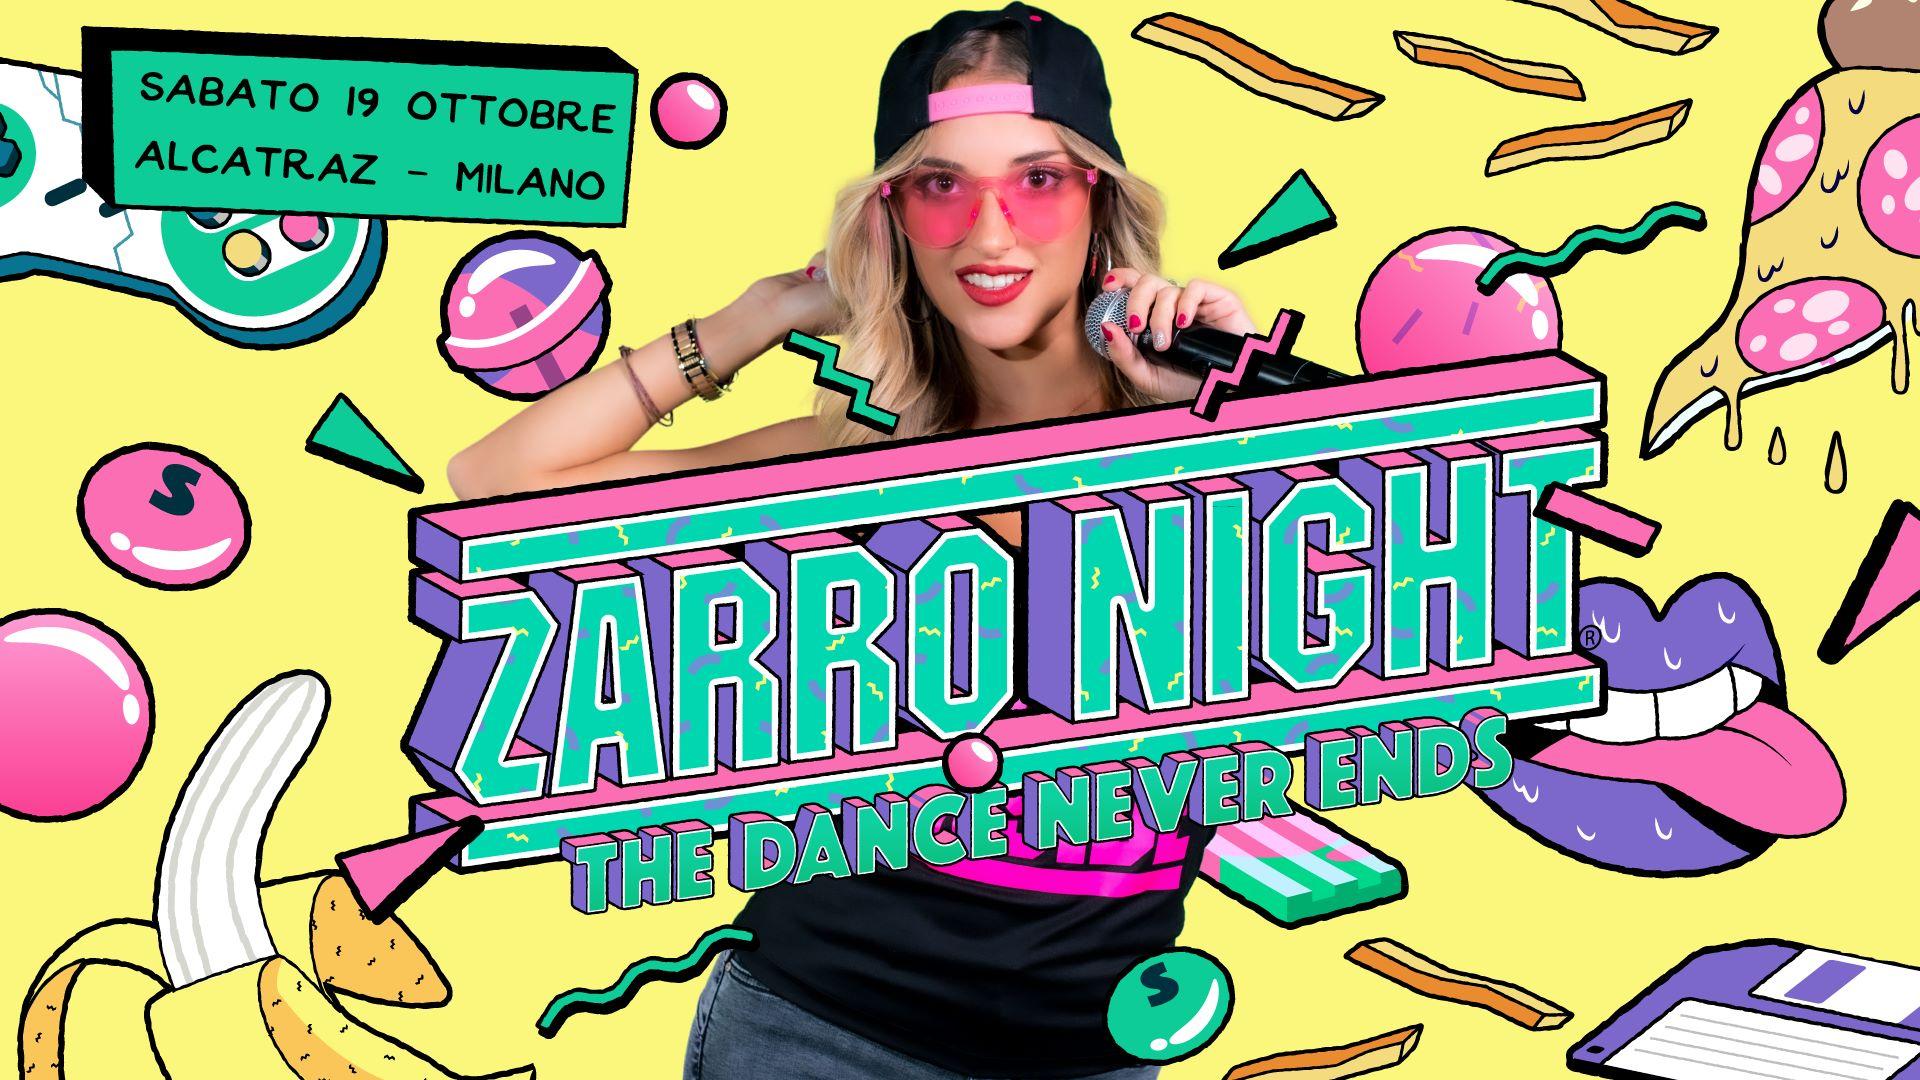 zarronight-alcatrazmilano